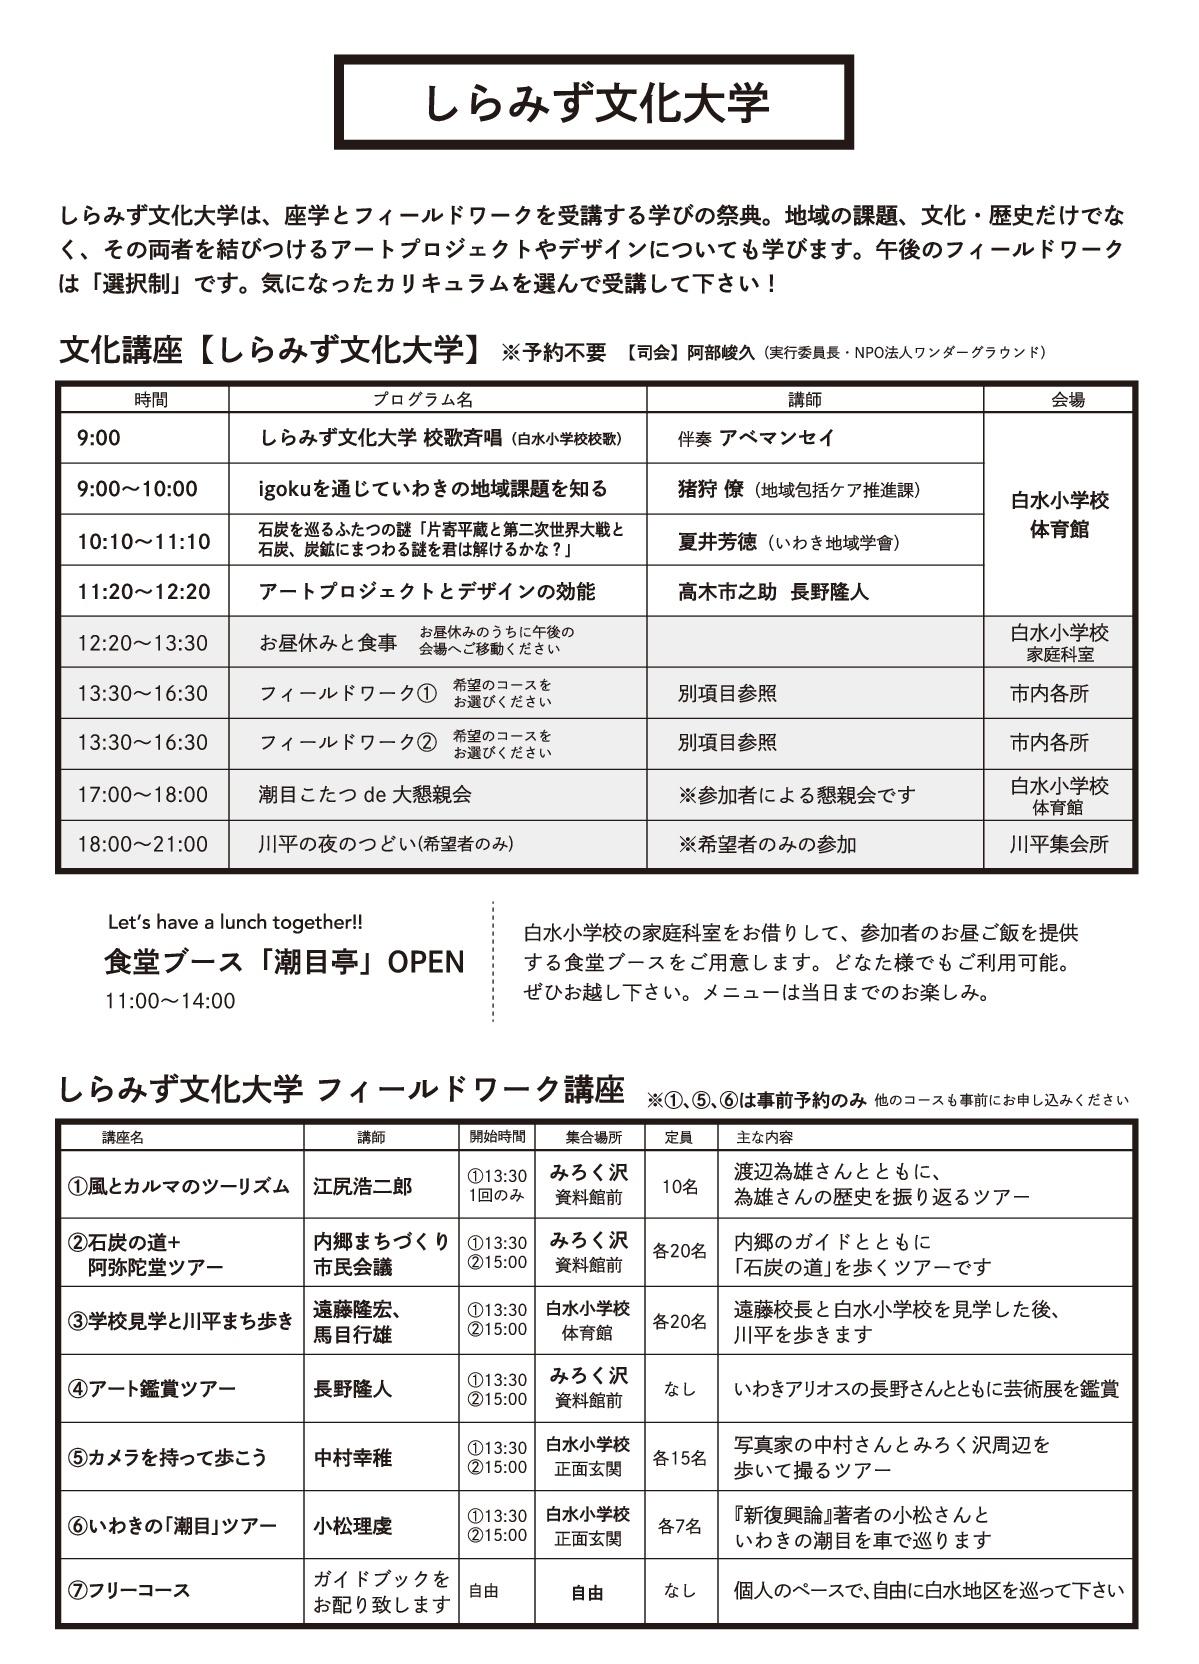 いわき潮目劇場2018「しらみずアーツキャンプ」25日(日)に開催! [平成30年11月17日(土)更新]3